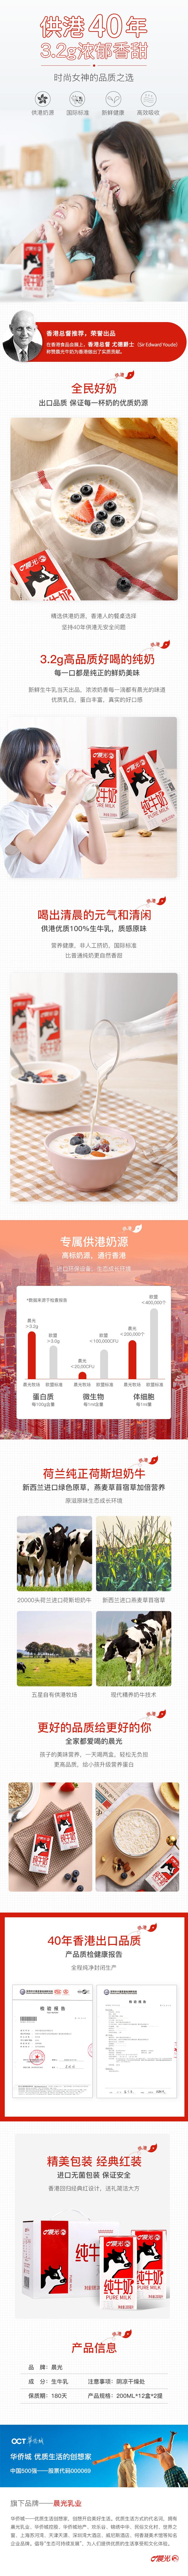 占香港鲜奶市场70%份额 晨光 全脂纯牛奶 200ml*12盒*2箱 图1